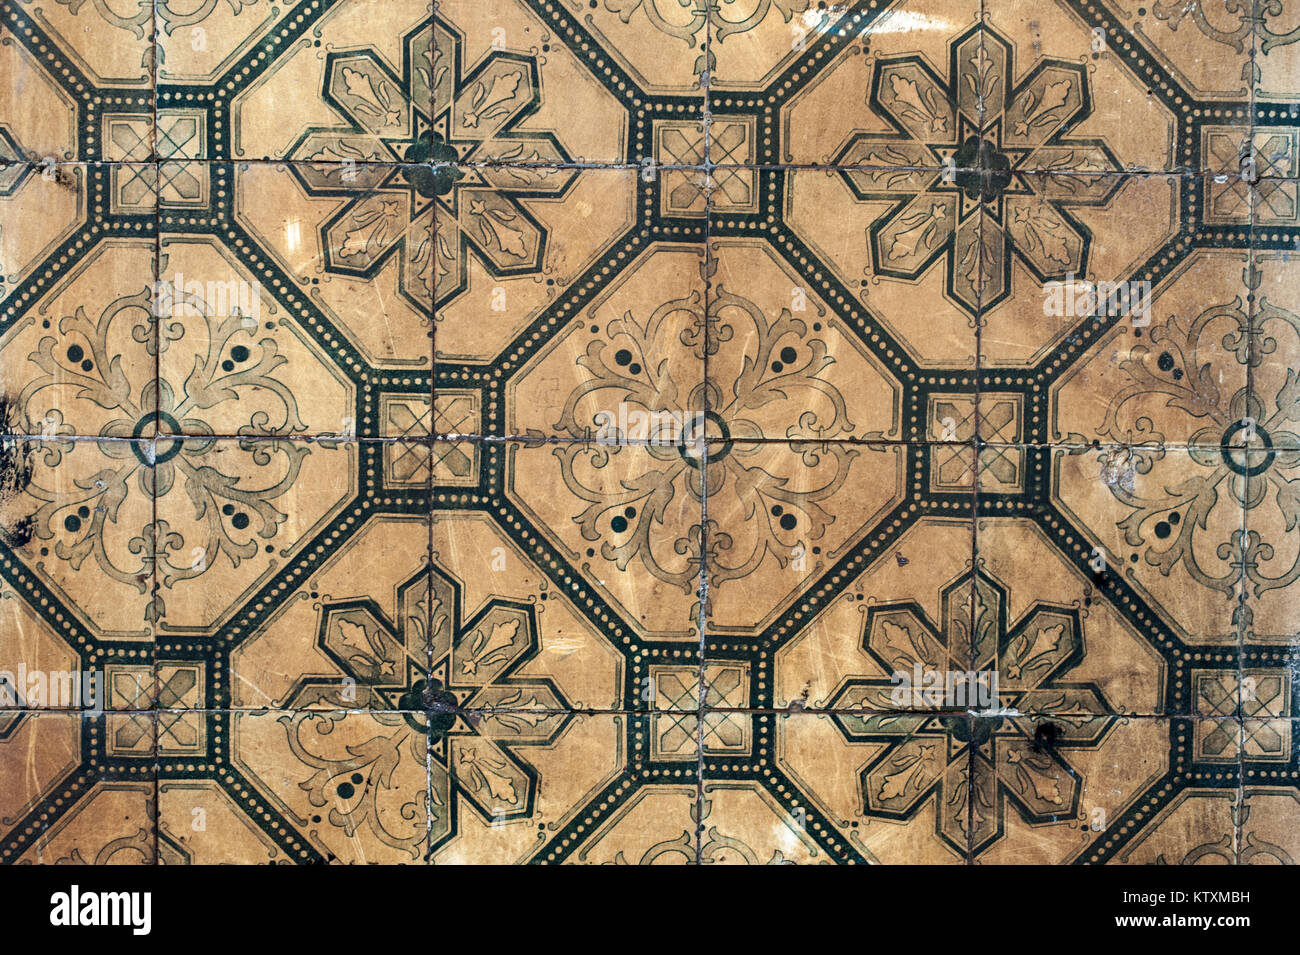 Alte, Verfärbt, Portugiesisch Azulejo Kacheln Mit Floralem Muster, Die  Außenwände Eines Gebäudes In Lissabon, Portugal, Dekorieren.